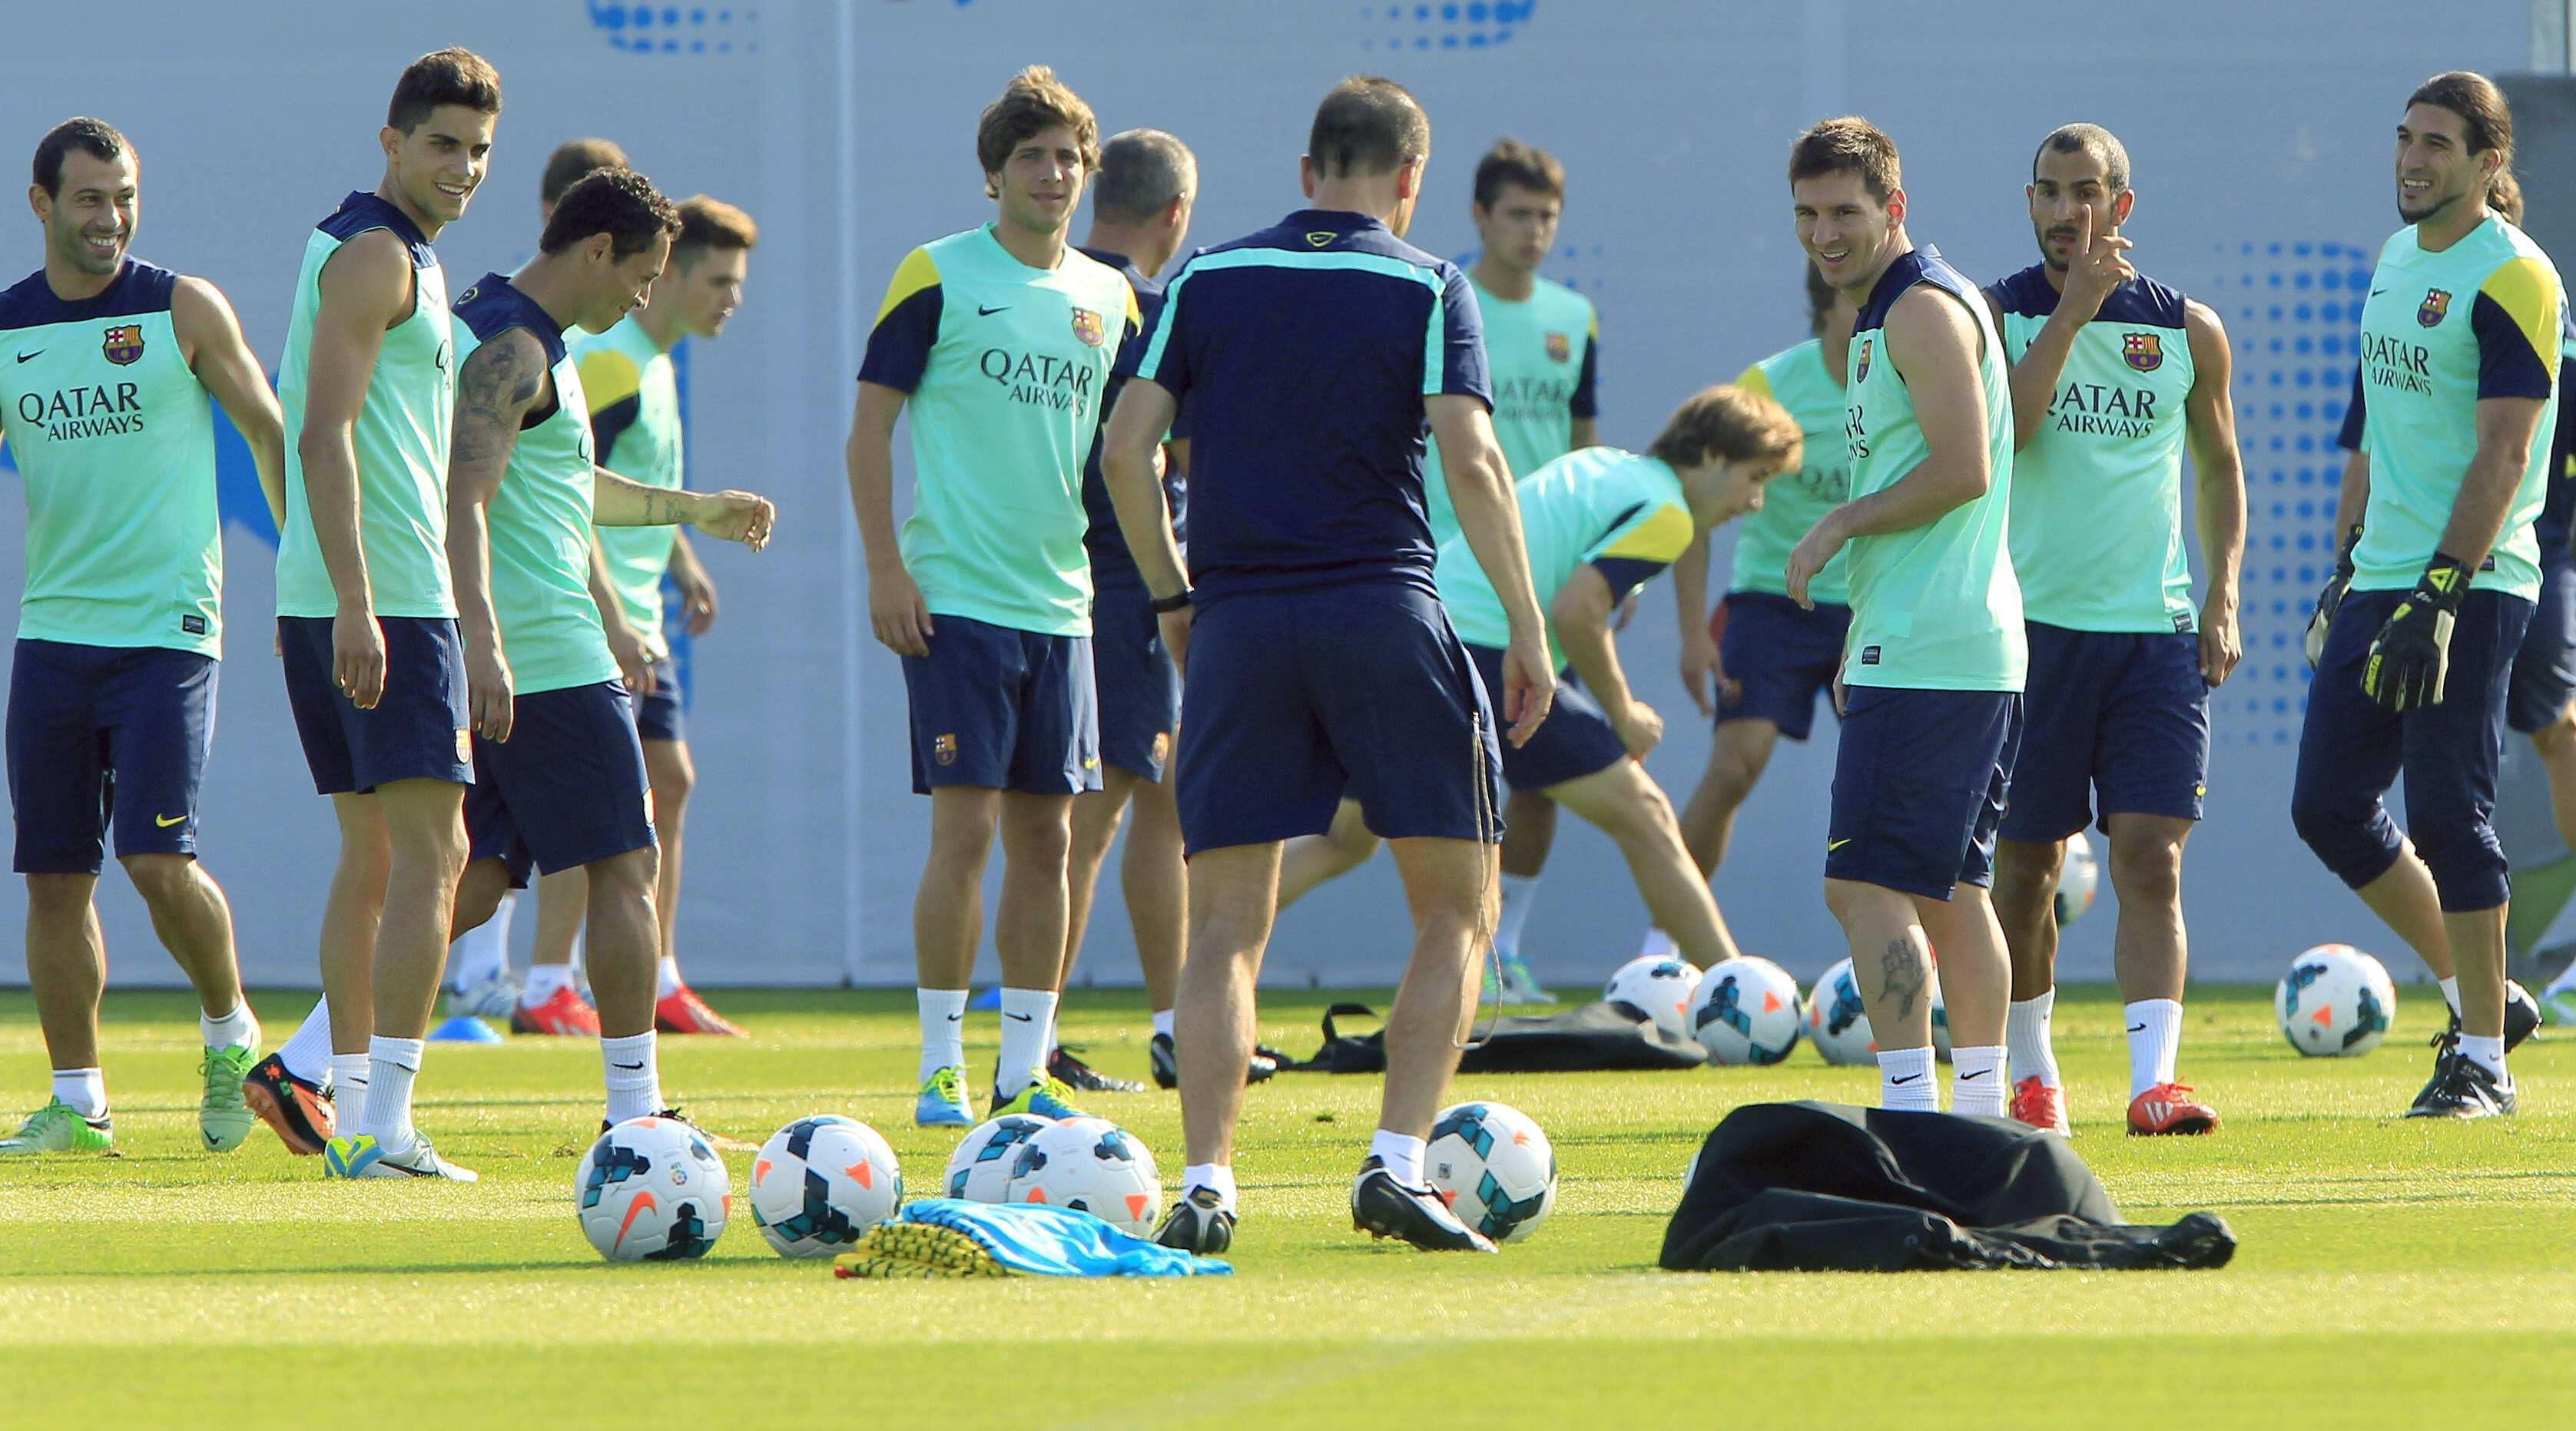 El Barça realizará una doble sesión antes de viajar a Polonia